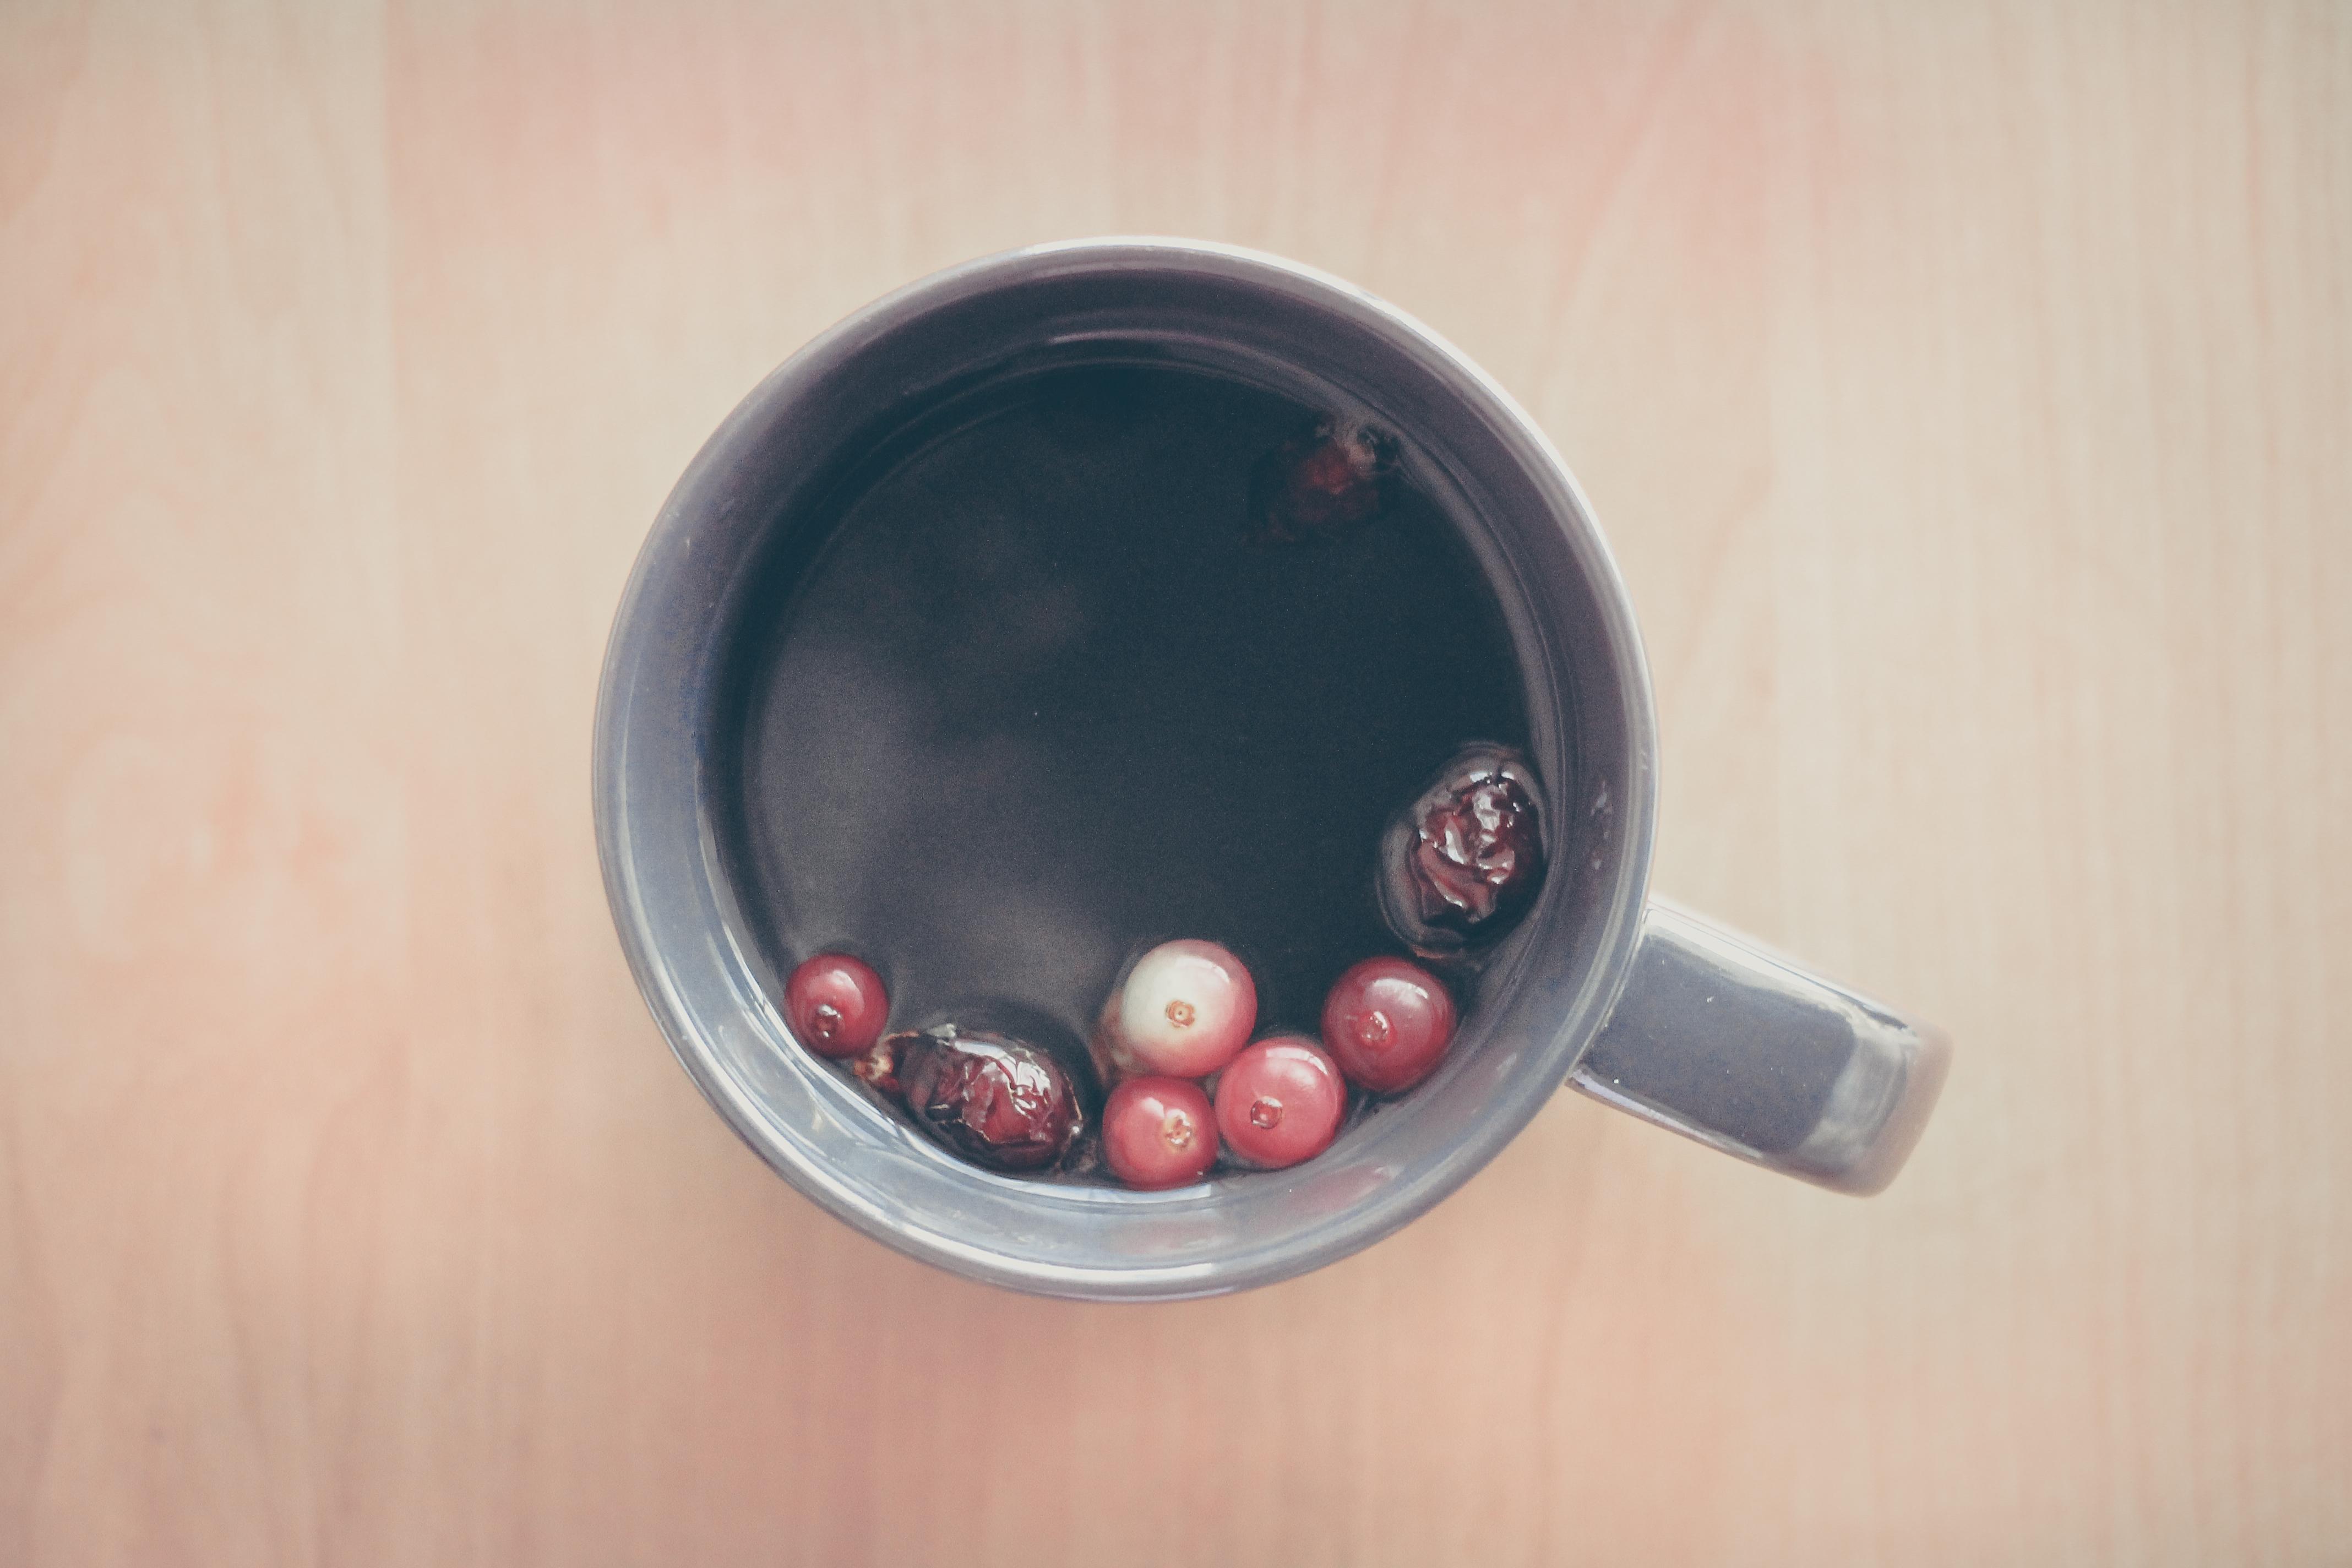 Berries, Object, Mug, Fruit, Food, HQ Photo